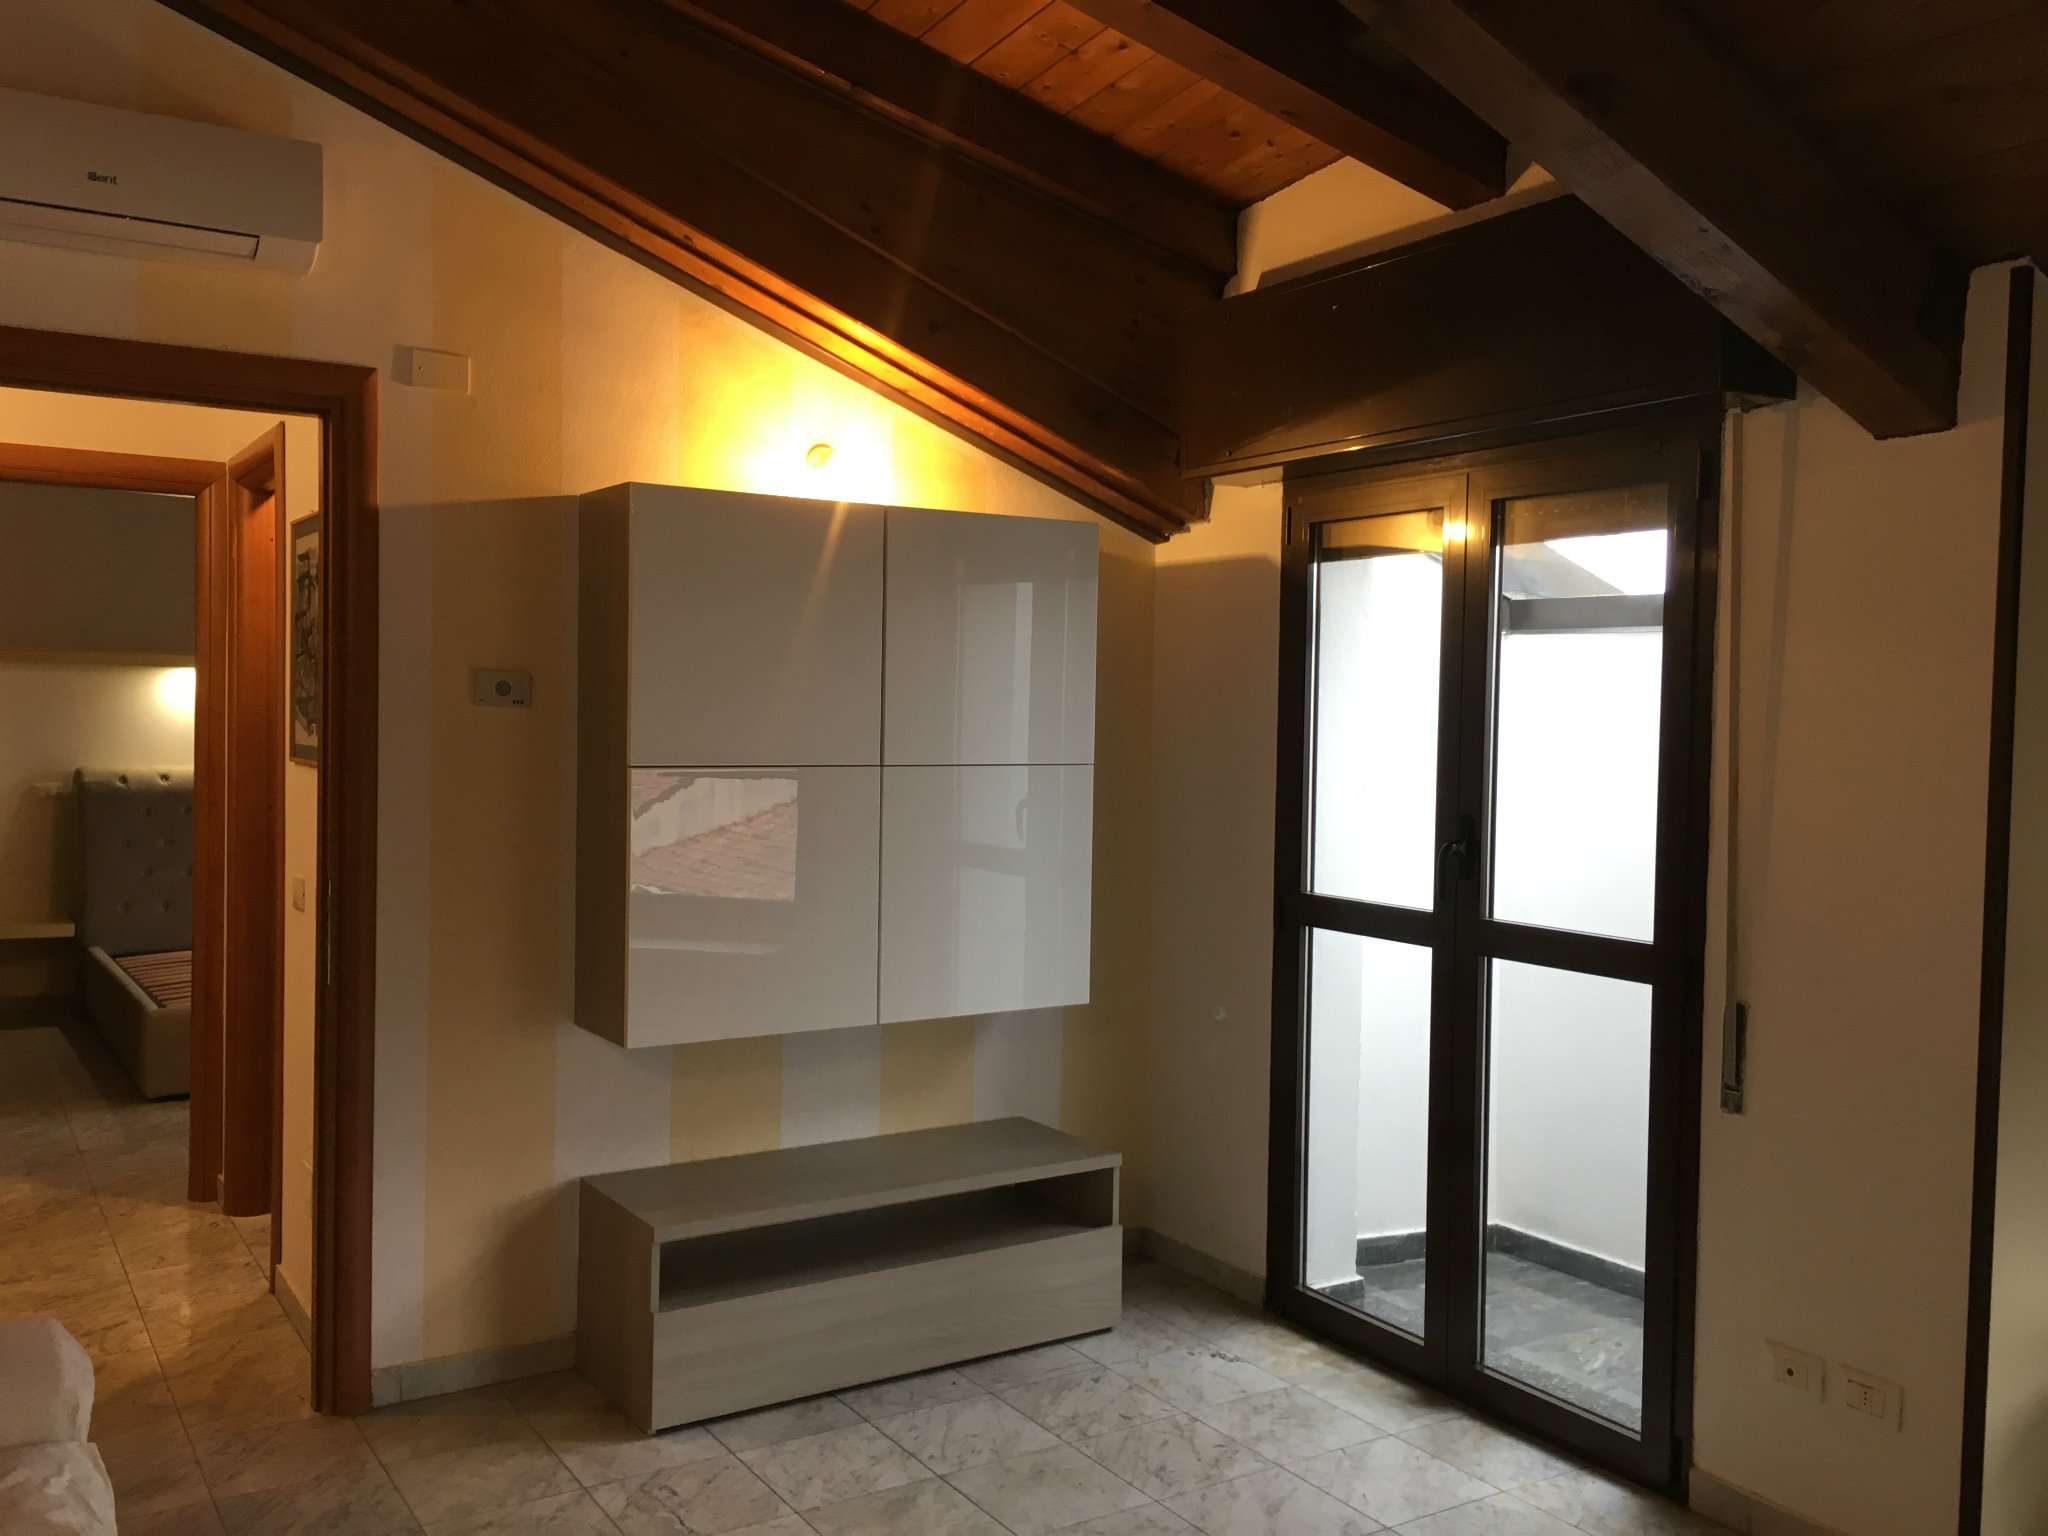 Attico / Mansarda in affitto a Rho, 2 locali, prezzo € 600 | Cambio Casa.it